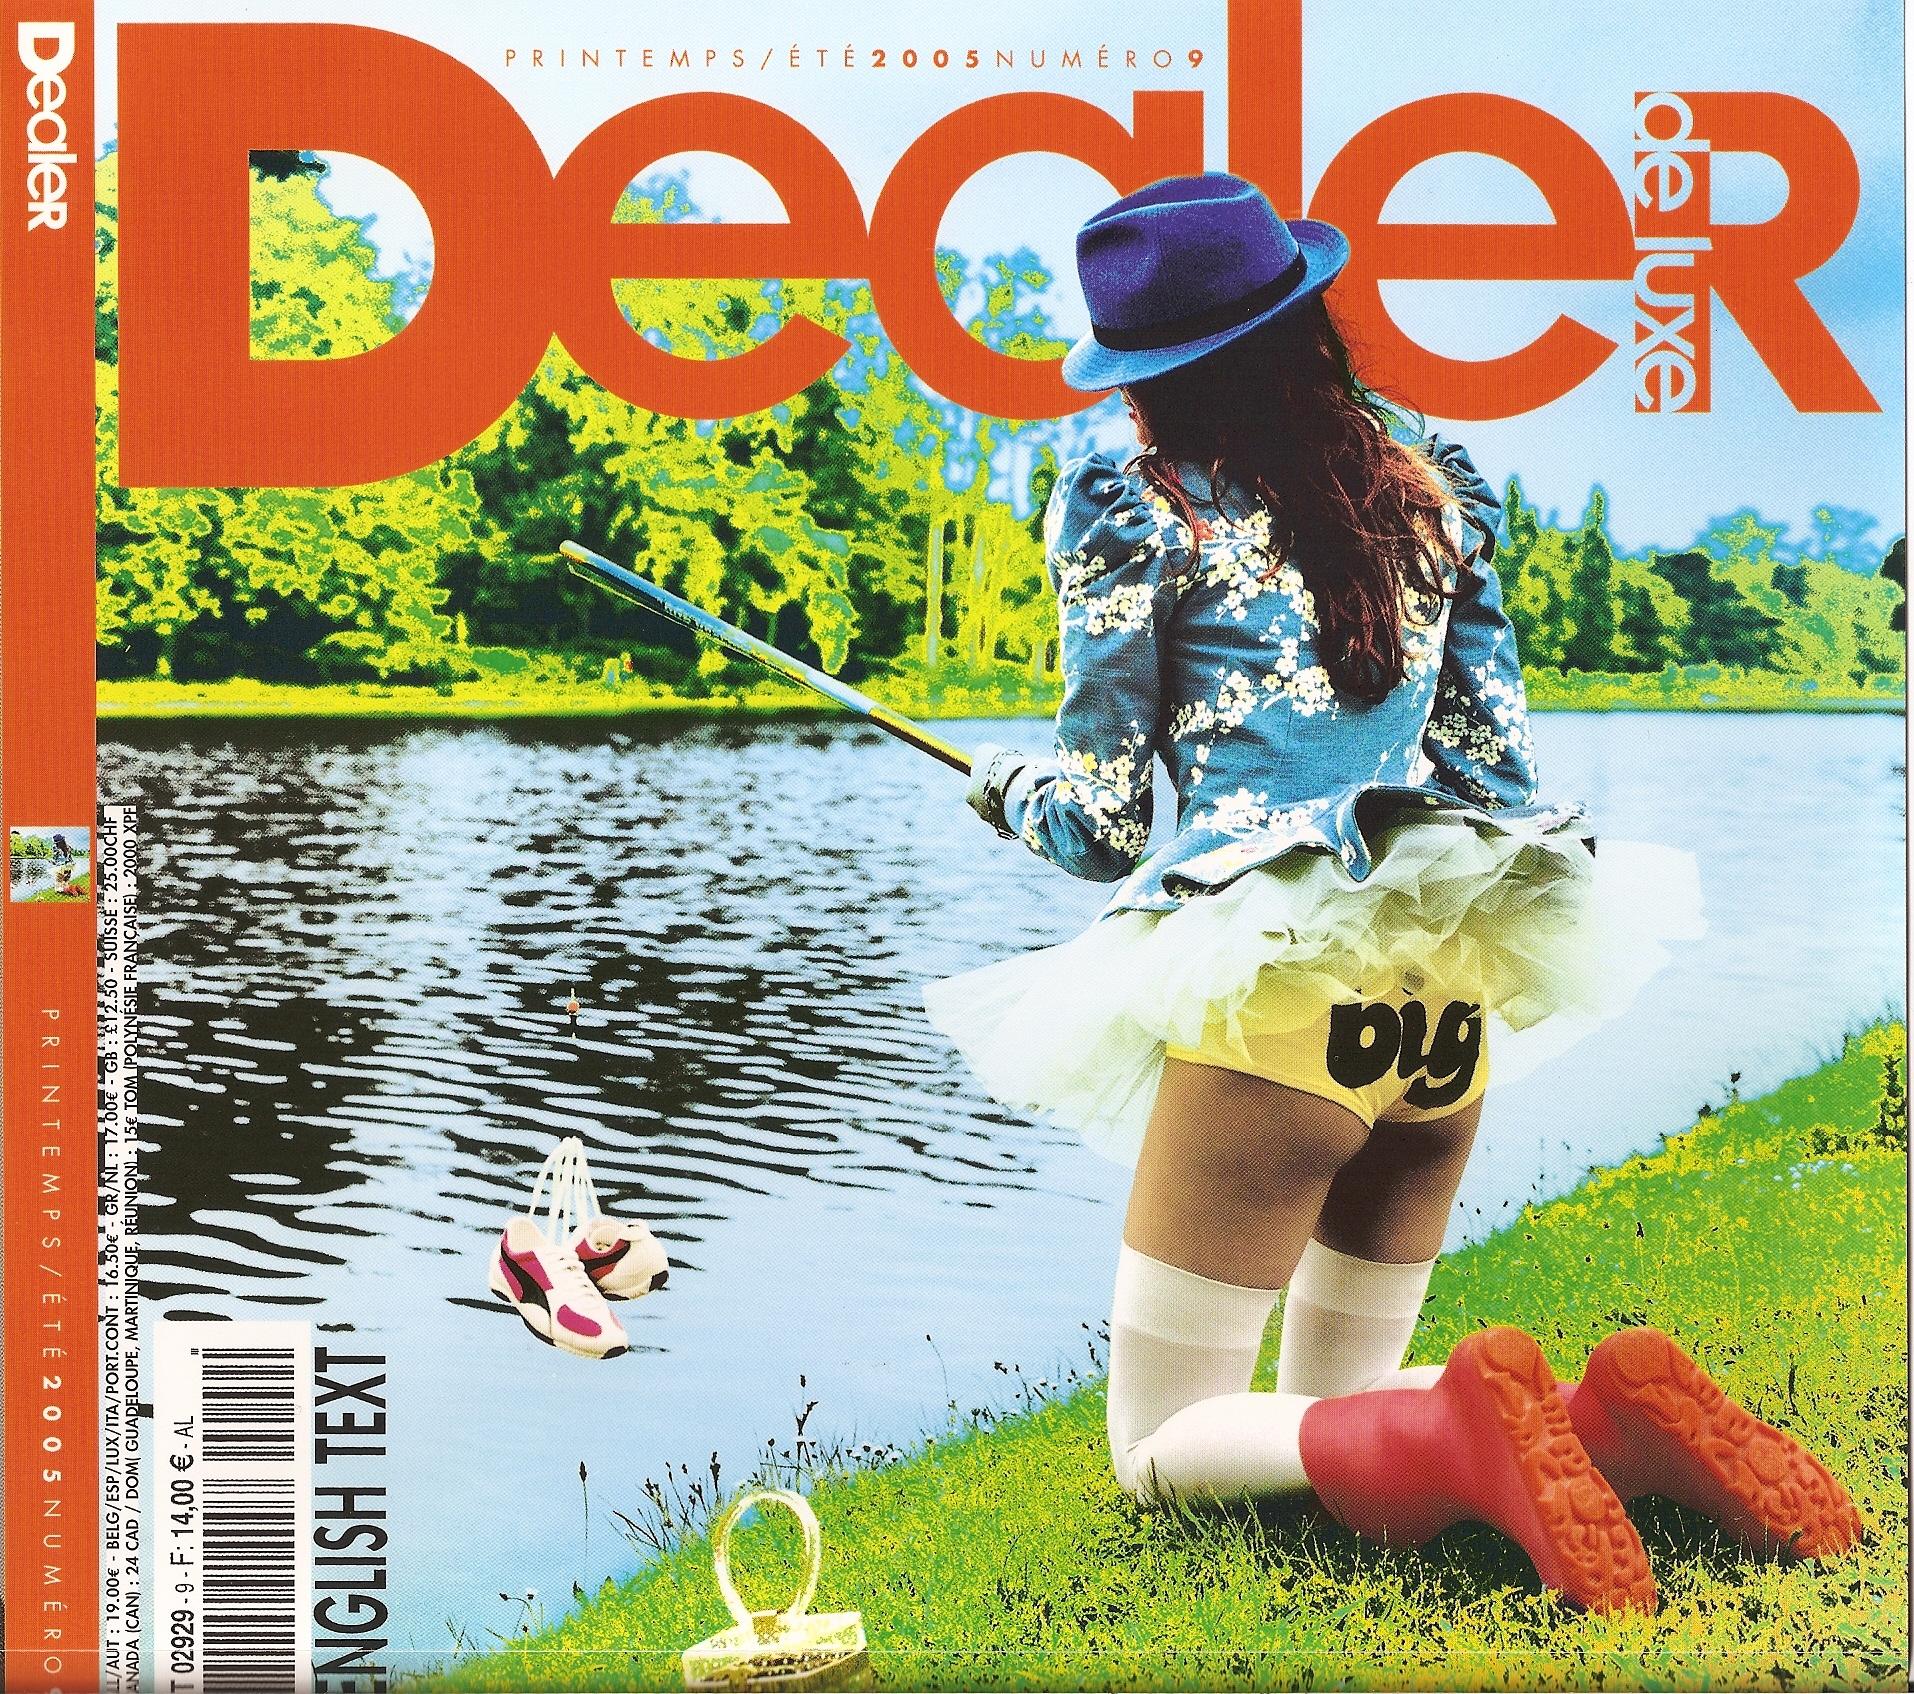 Dealer-de-Luxe-#9-PE-2005-01